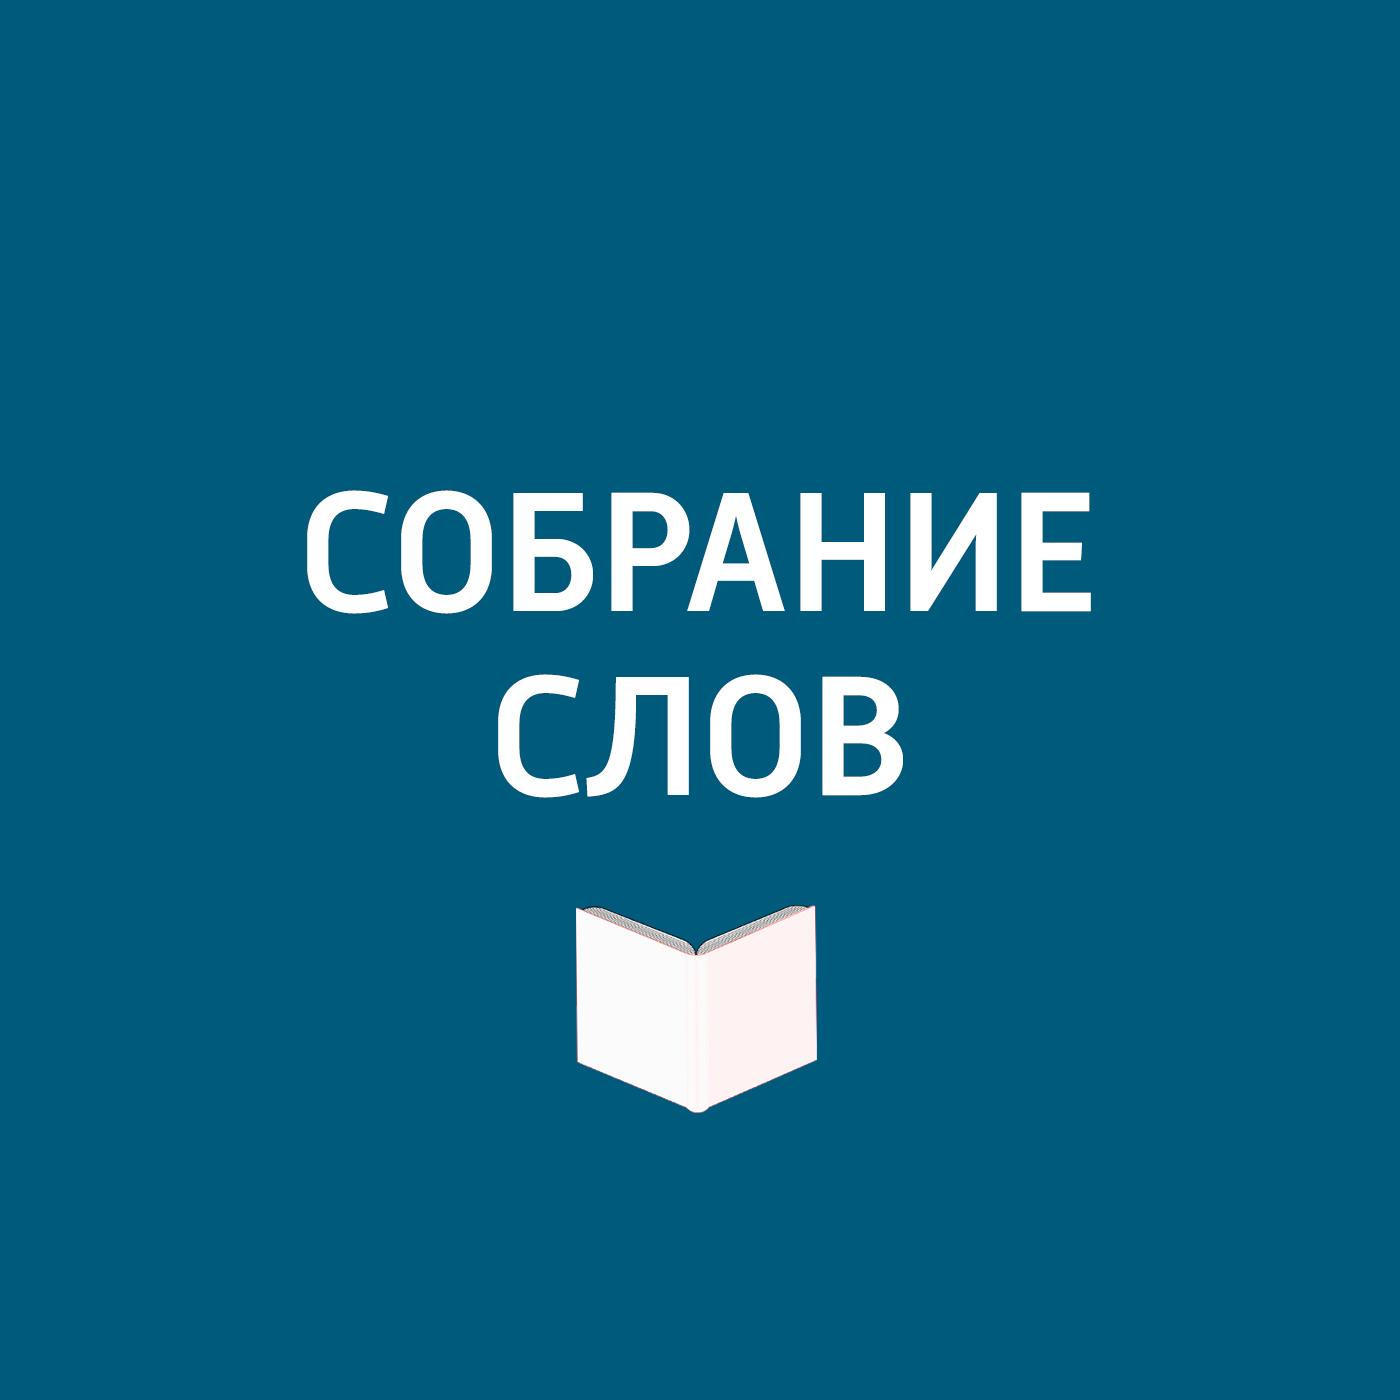 Творческий коллектив программы «Собрание слов» Триеннале российского современного искусства творческий коллектив программы собрание слов о выставке антонио гауди барселона